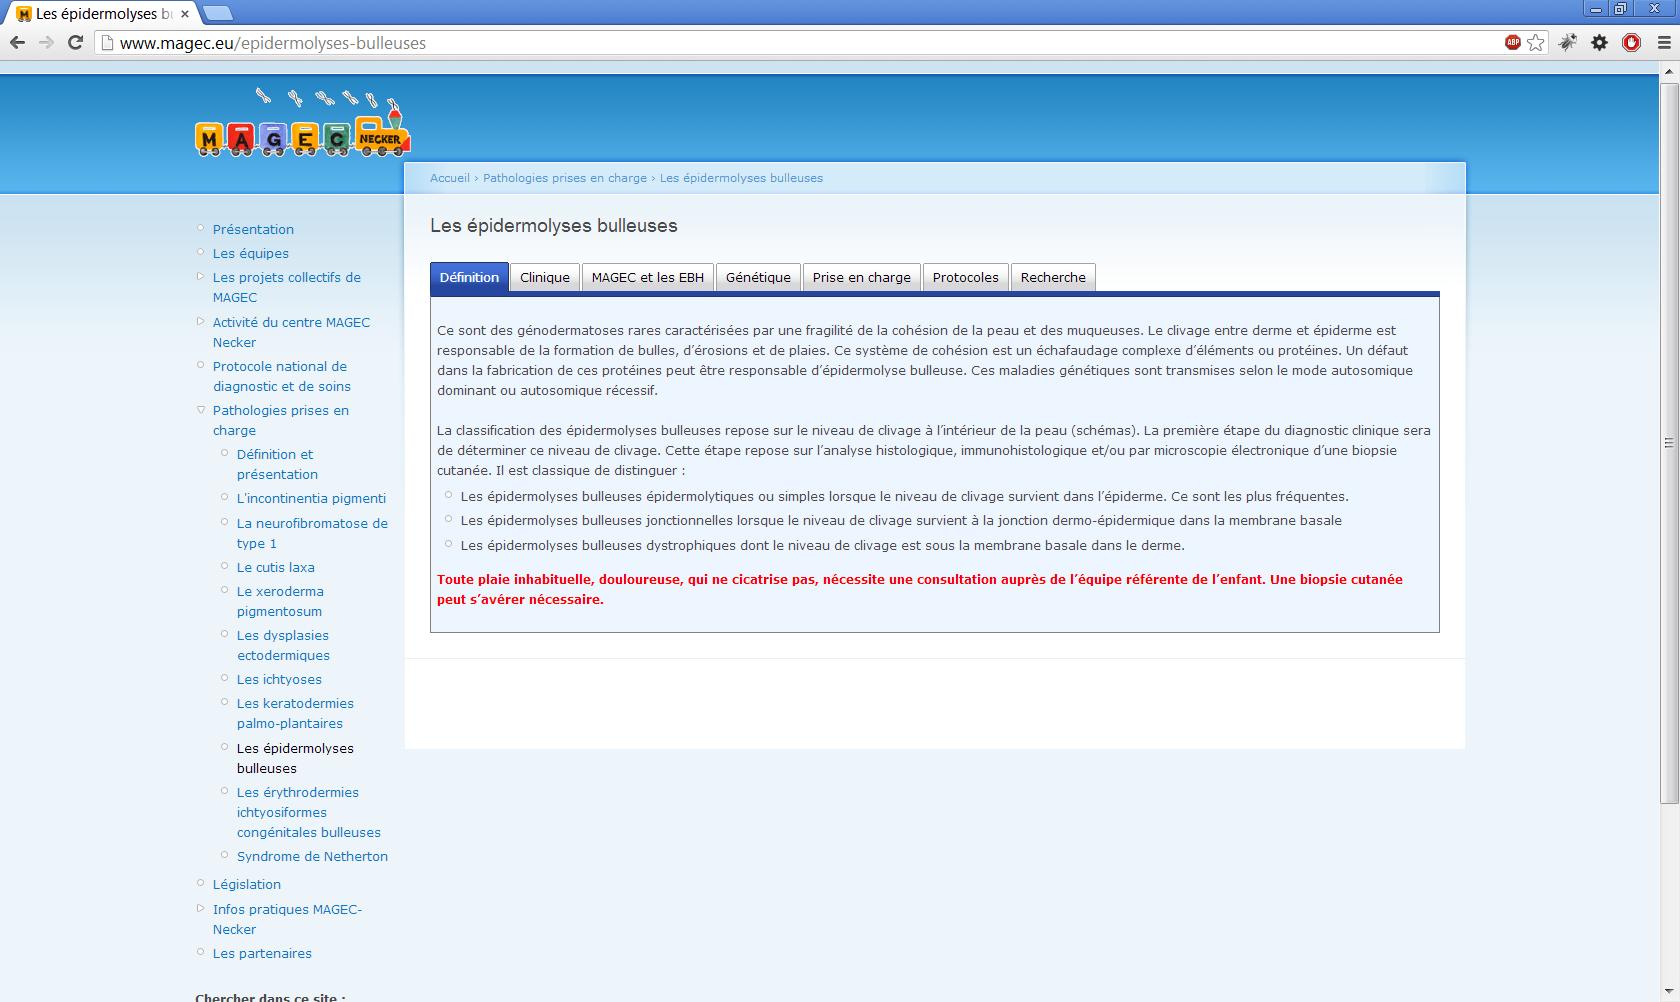 www.magec.eu